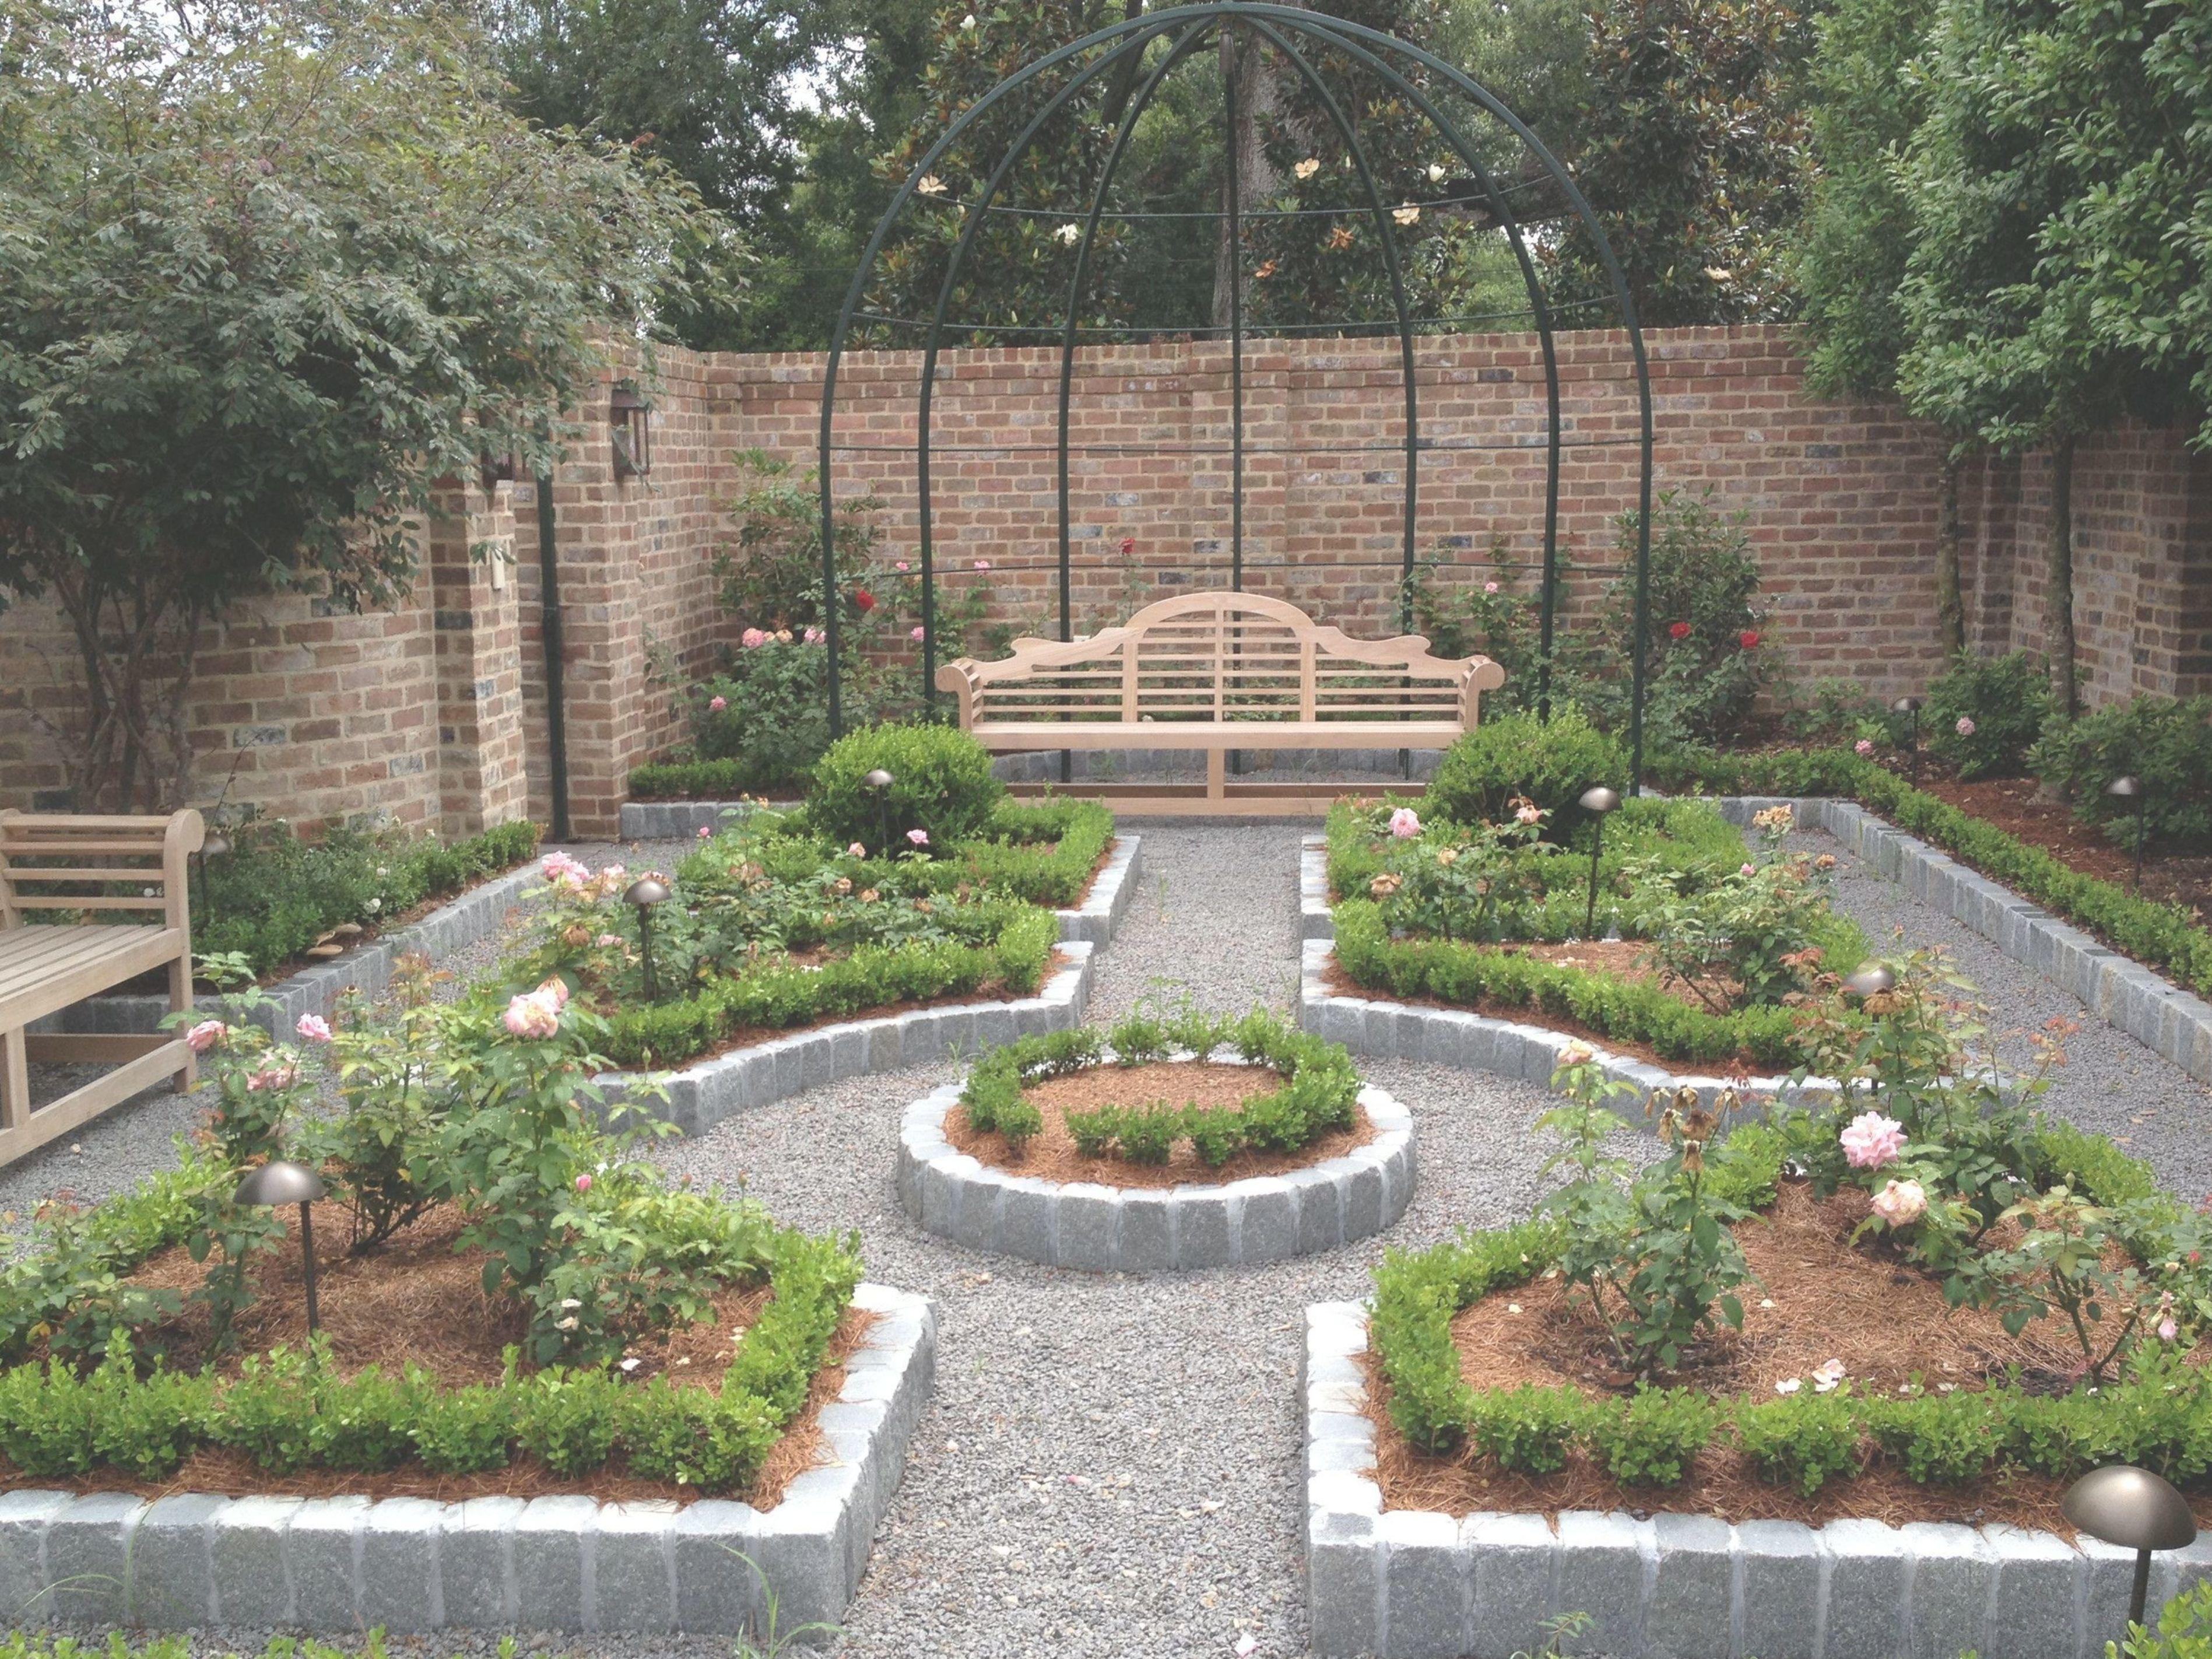 Pin By Carlos H Caballero Lopez On Garden Design English Garden Design Rose Garden Design Herb Garden Design